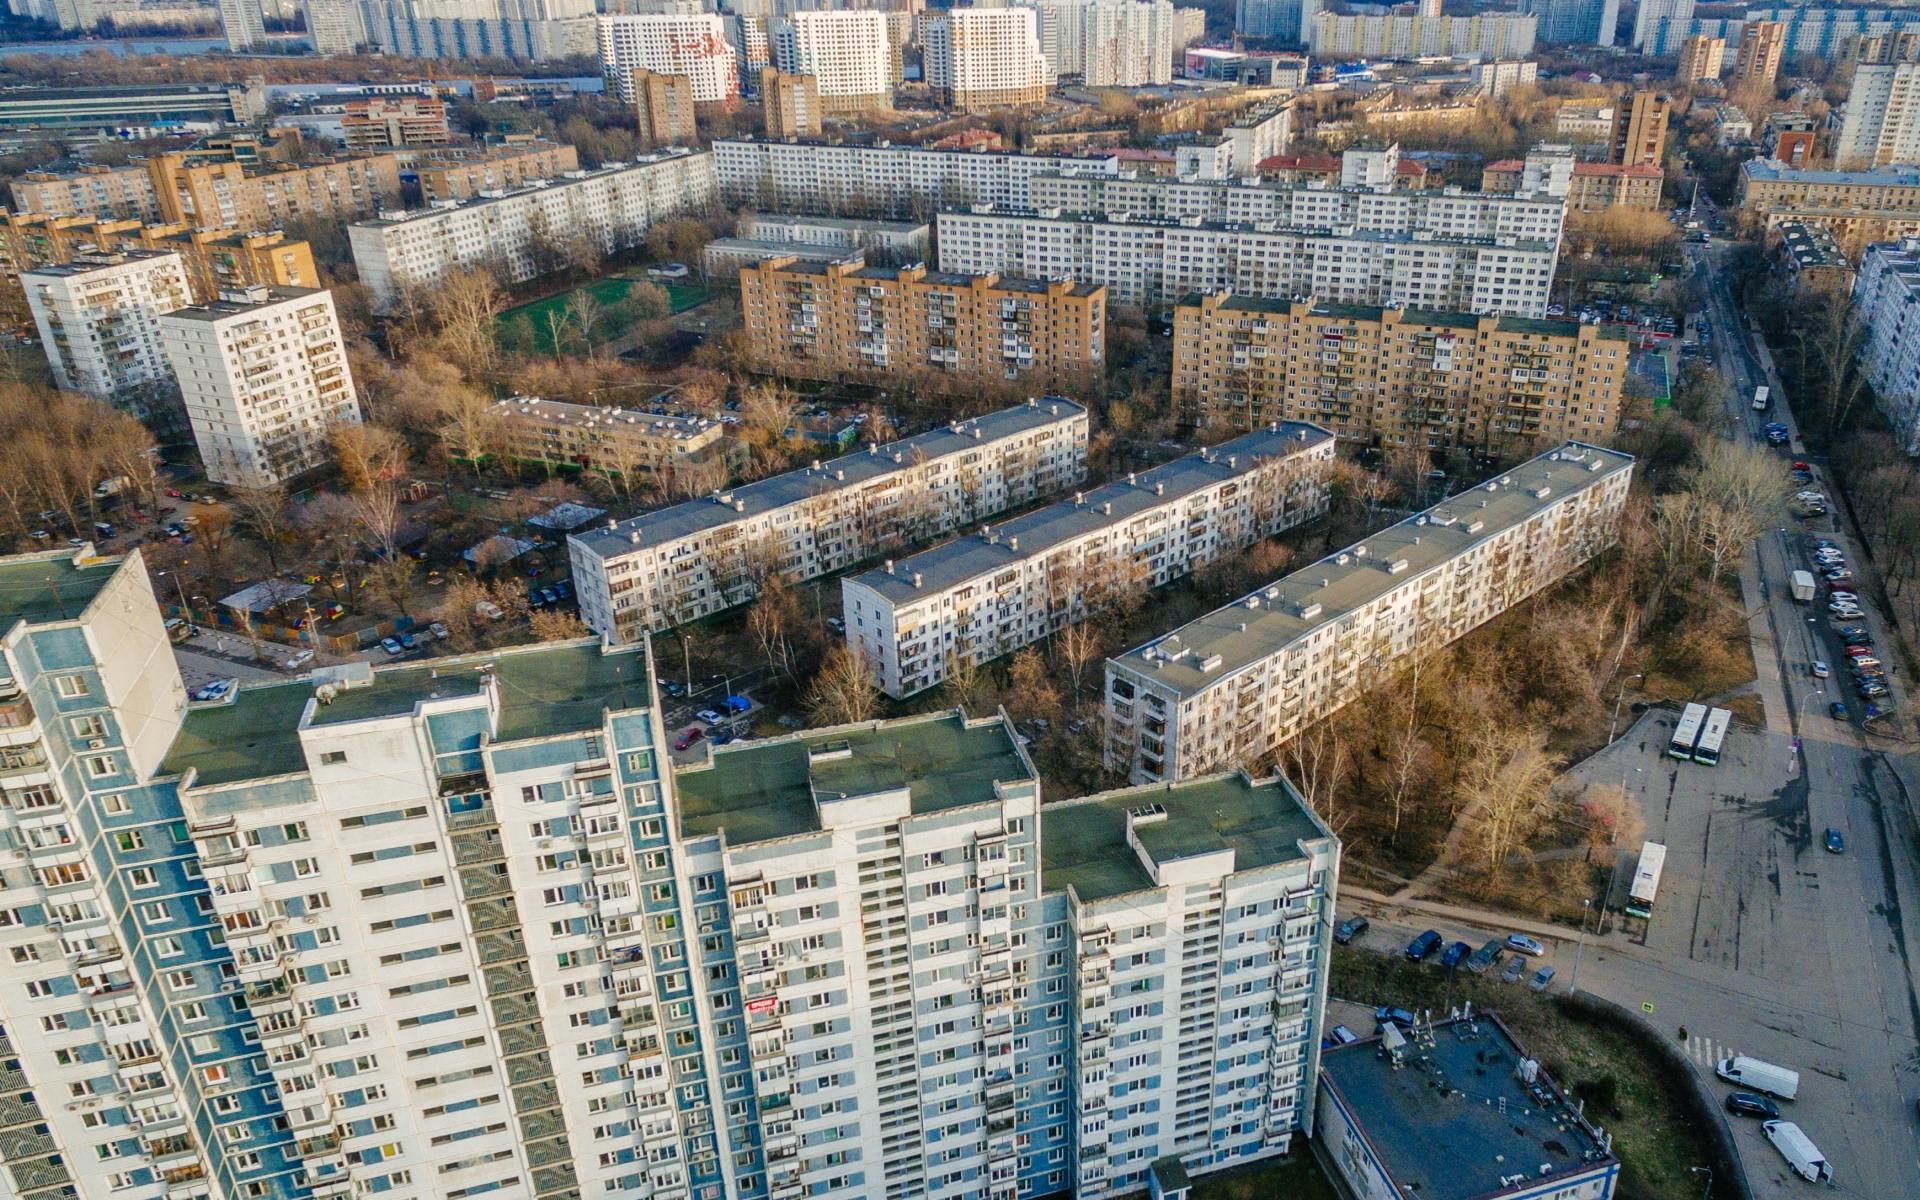 Средняя цена 1 кв. мна вторичном рынкестолицы колеблется в ценовом диапазоне от 255 тыс.до 260 тыс. руб.